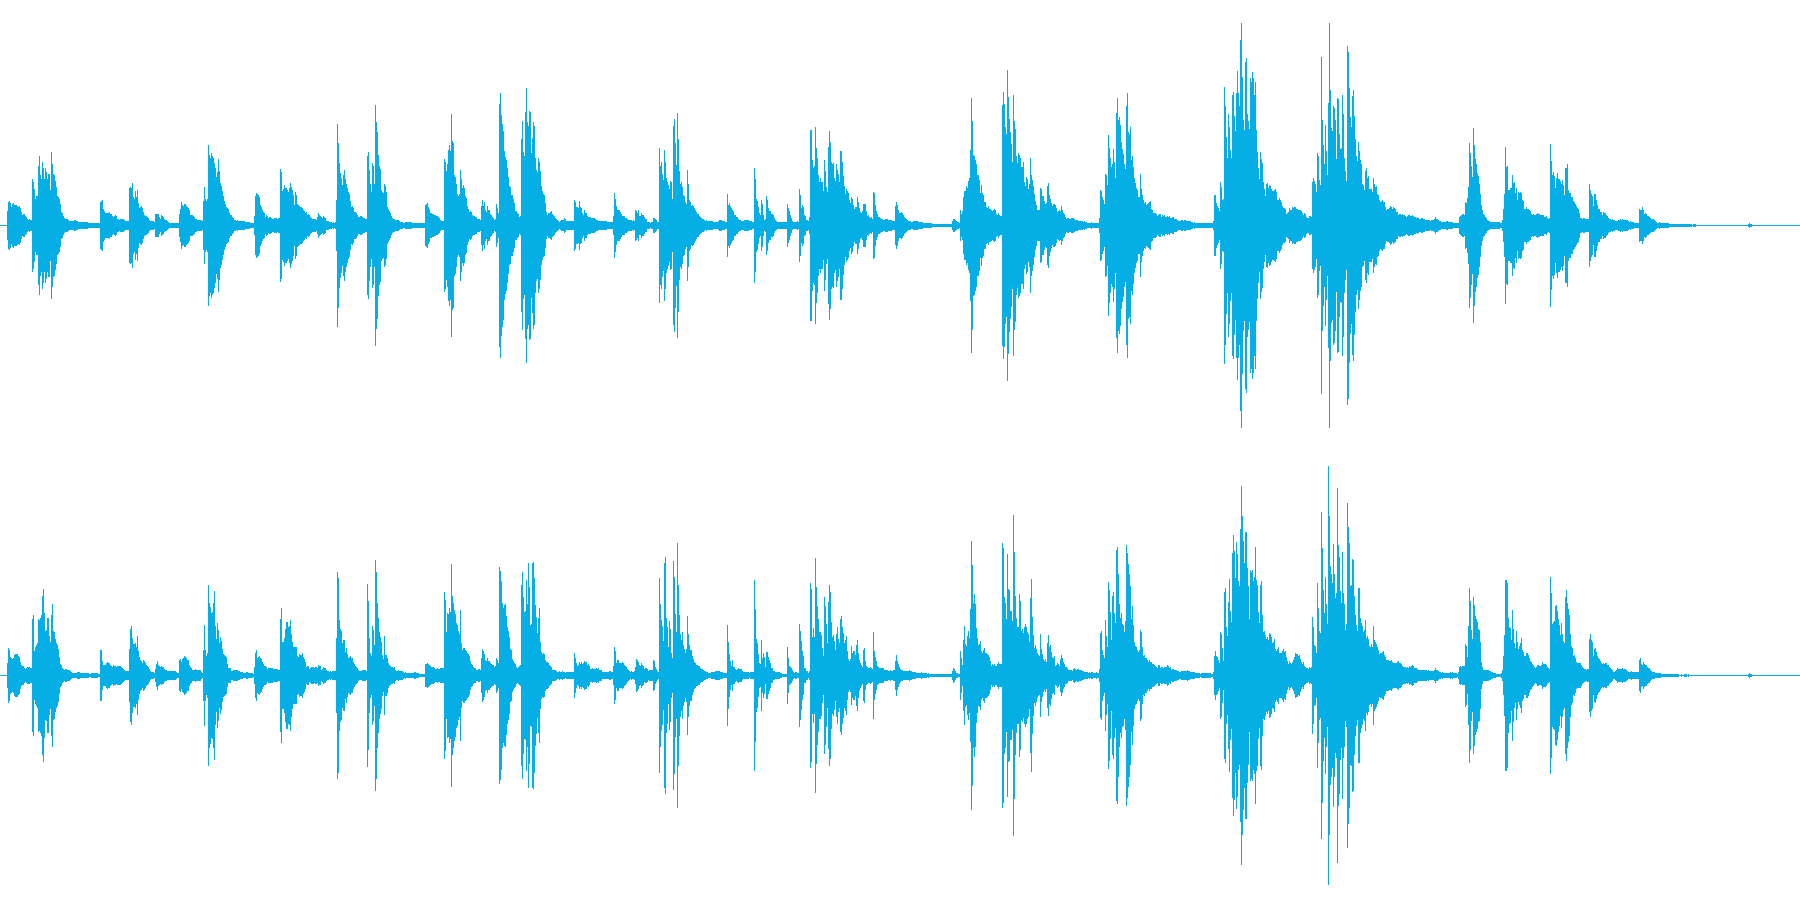 結婚式や 泣かせる映像に ■ ピアノソロの再生済みの波形